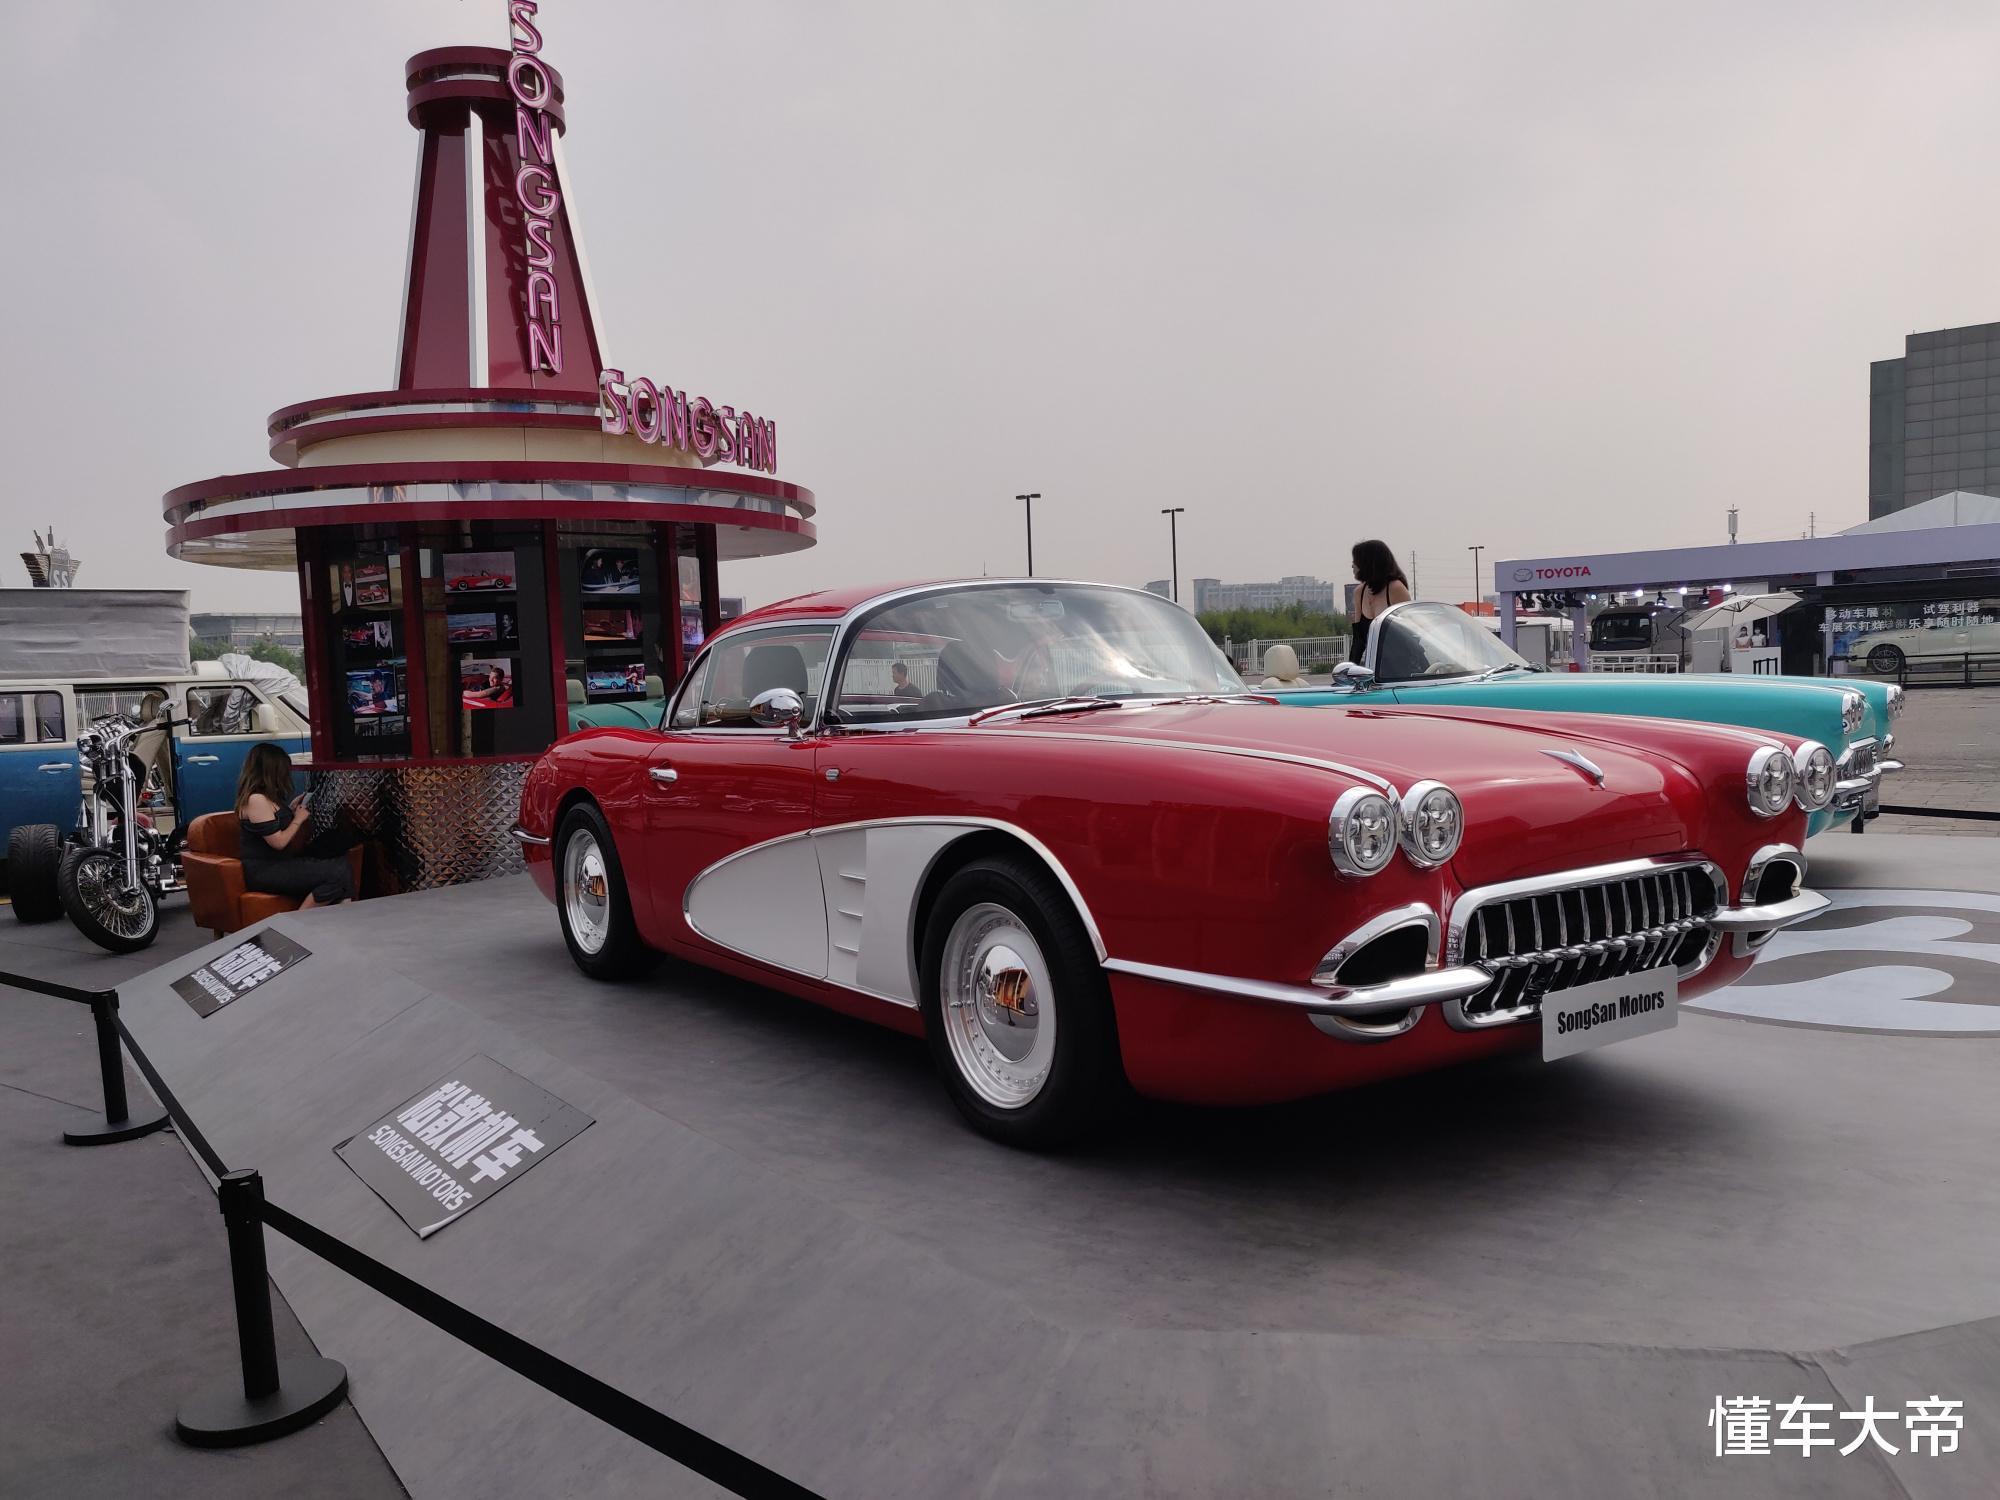 """北京車展上的""""另類比亞迪"""",復古雙門敞篷跑車,居然要賣60萬-圖2"""